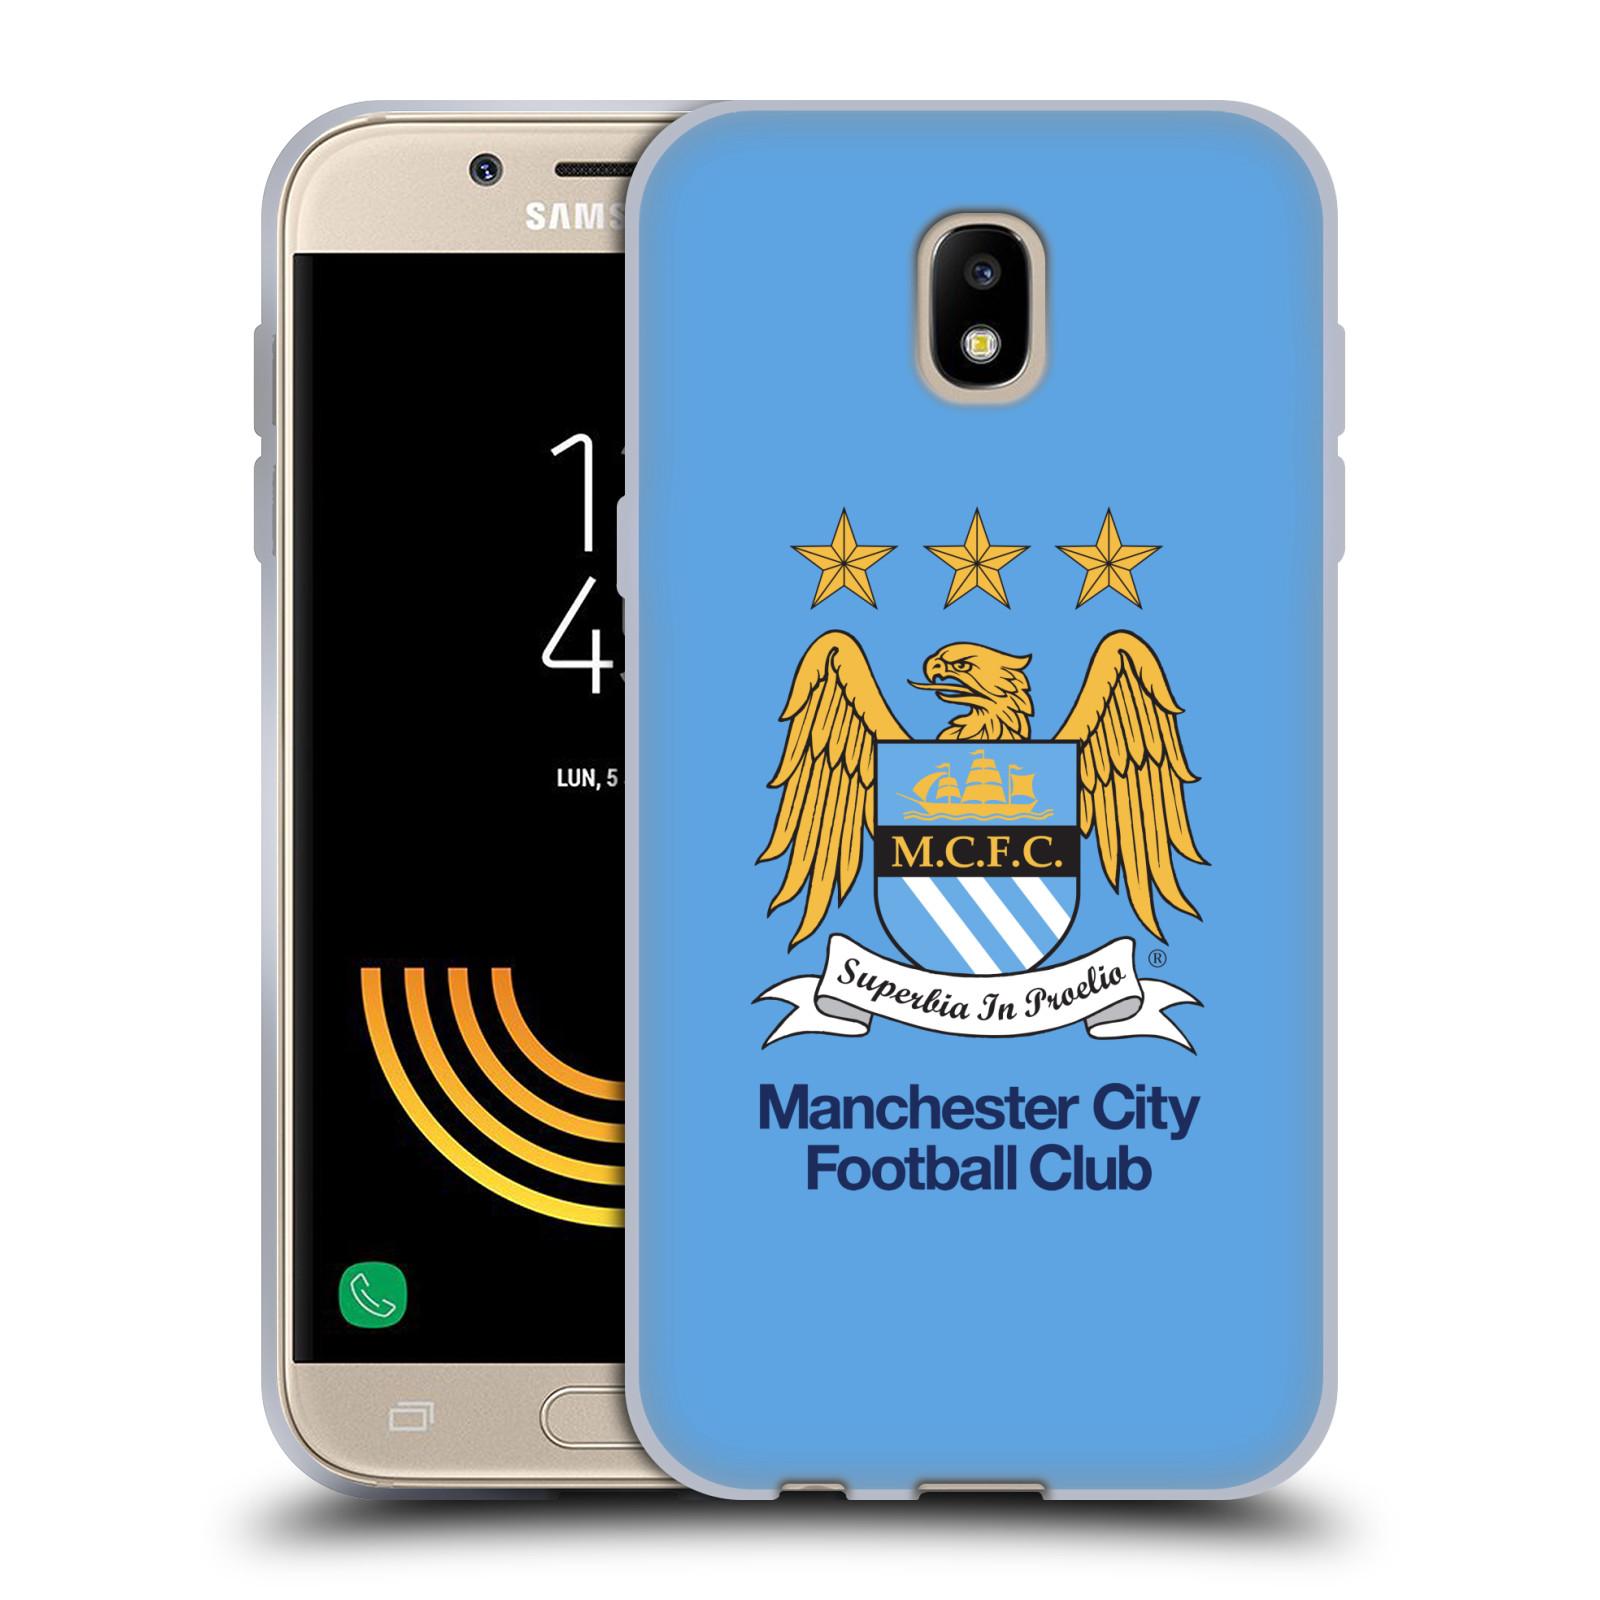 HEAD CASE silikonový obal na mobil Samsung Galaxy J5 2017 Fotbalový klub Manchester City nebesky modrá pozadí velký znak pták